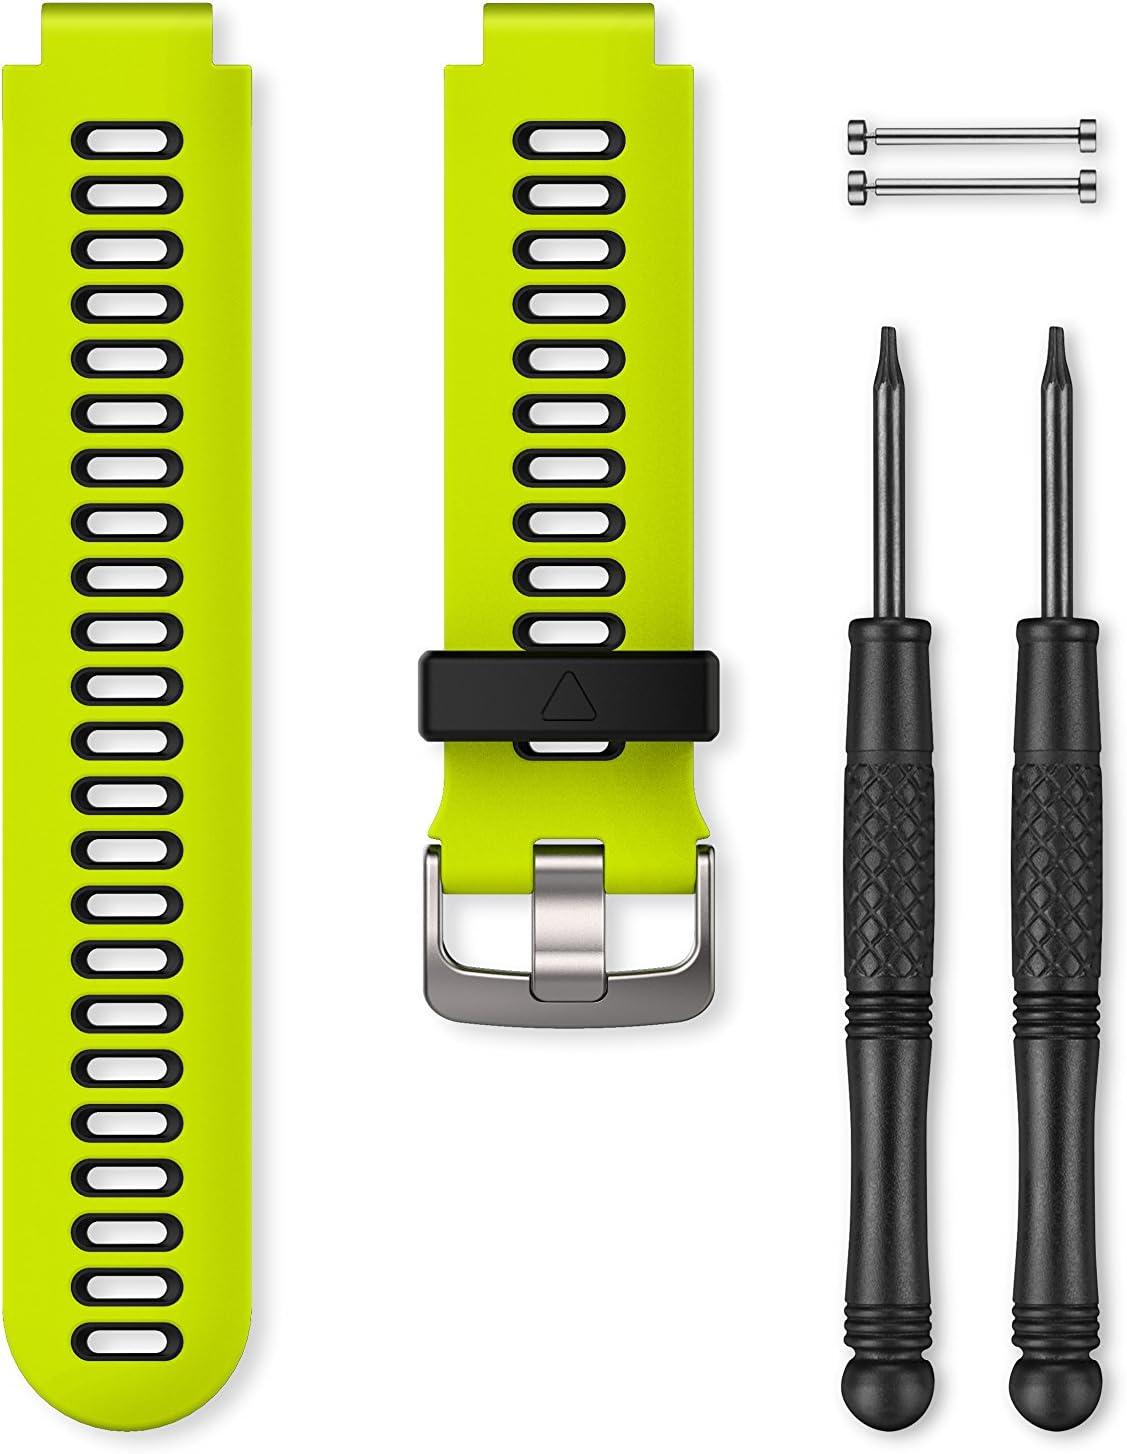 Garmin Forerunner 935//945 vélo libération rapide Kit de montage 010-11251-0S